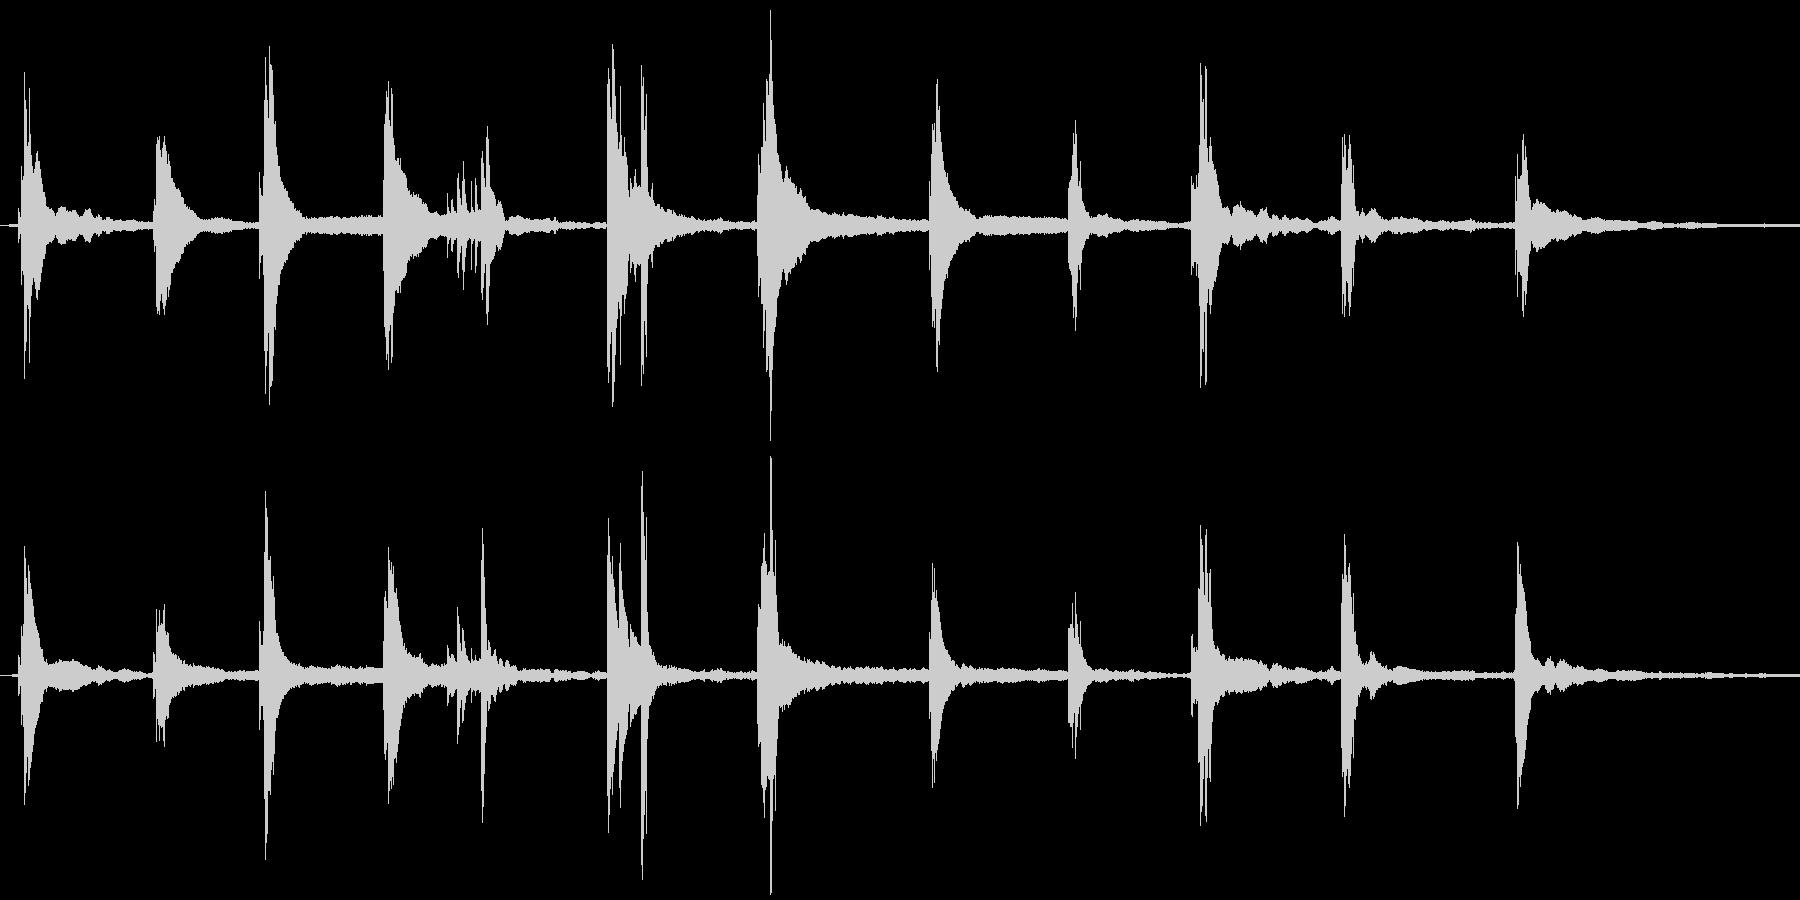 ブランドイメージCMに最適な爽やかな楽曲の未再生の波形